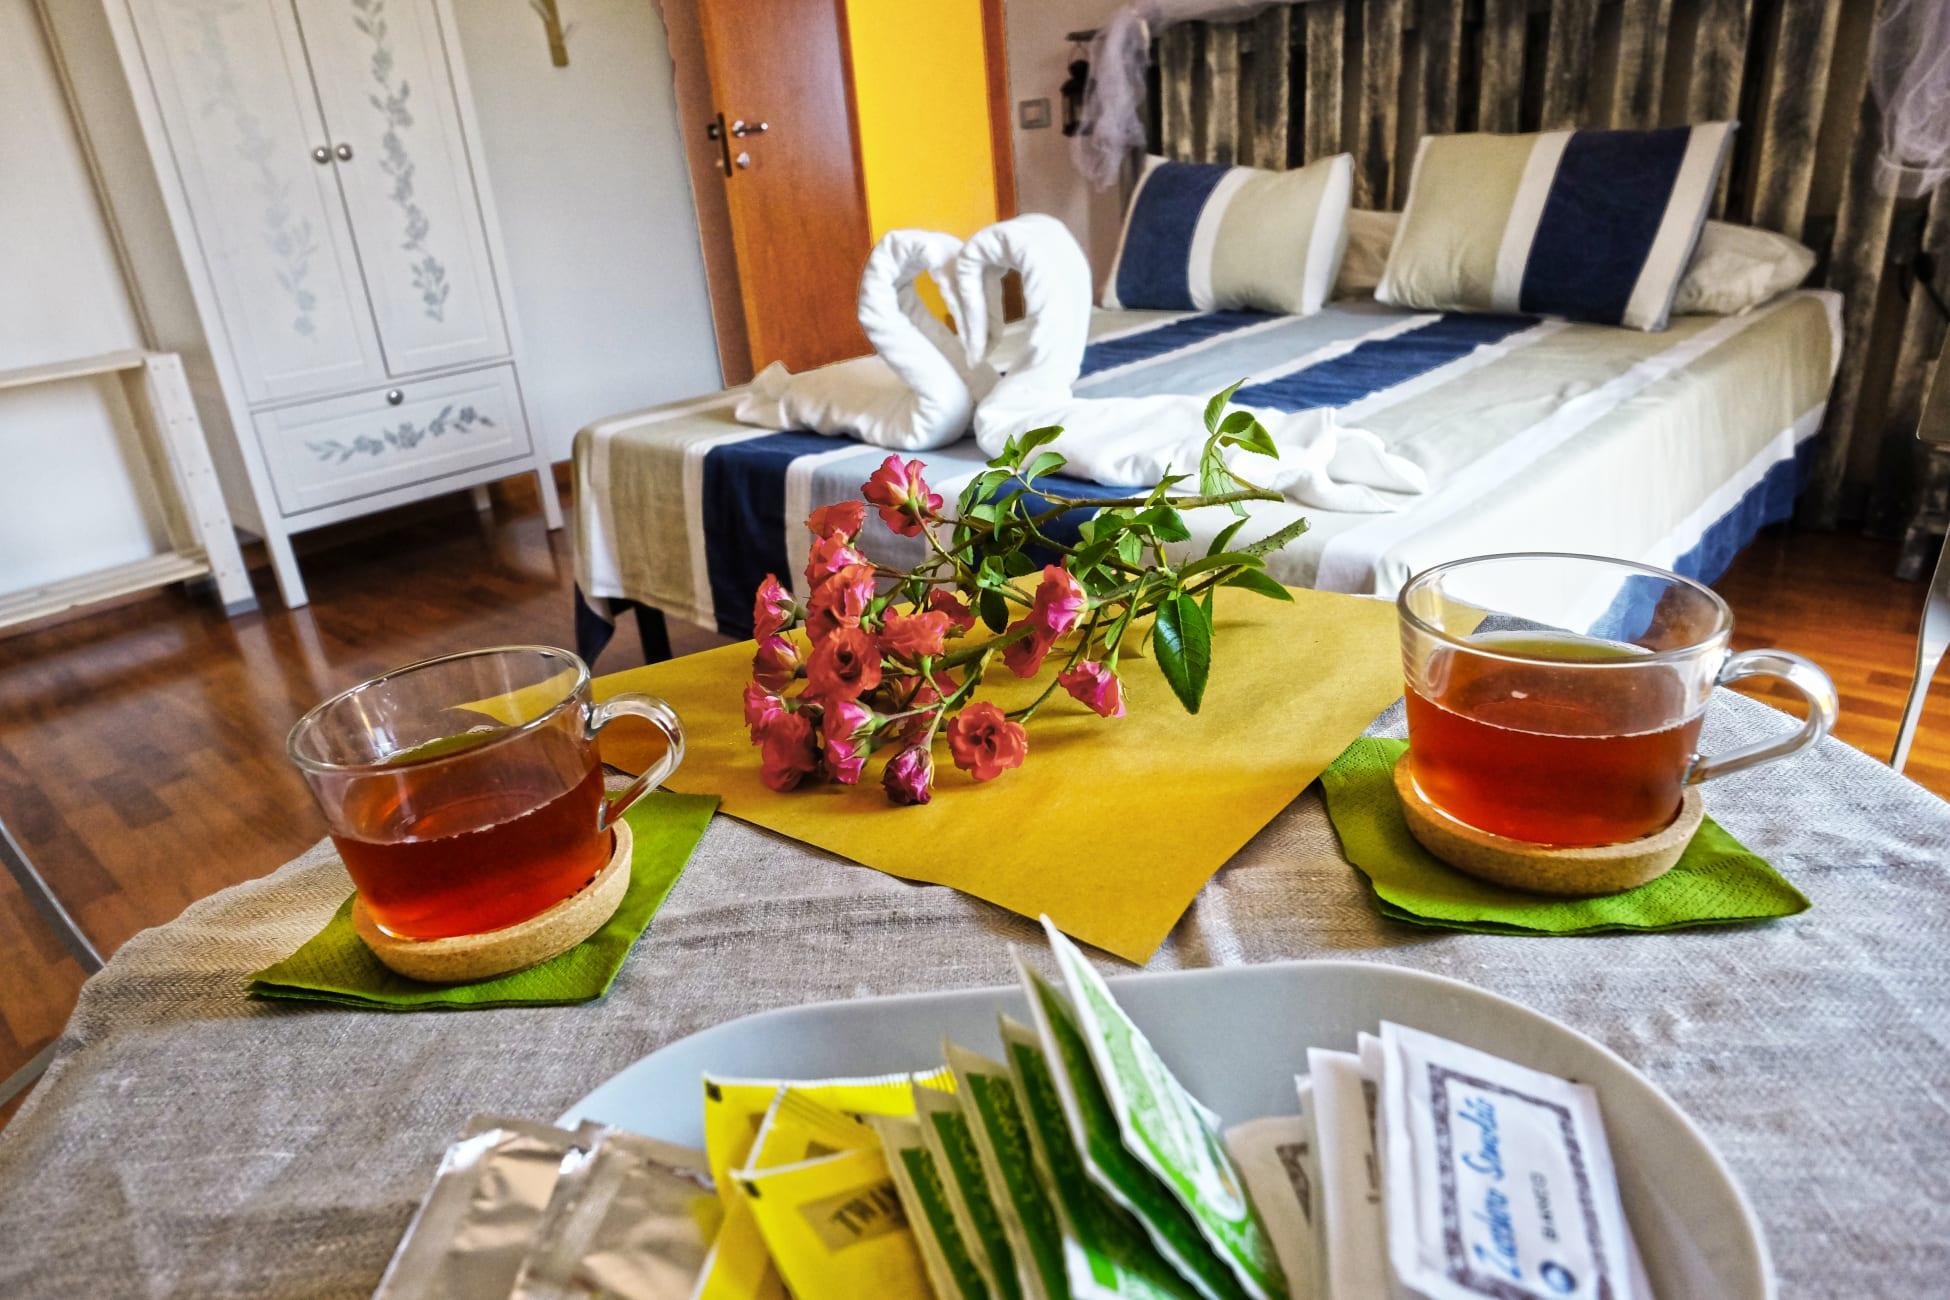 Bed Breakfast A Ancona Vistazzurra Trivagoit